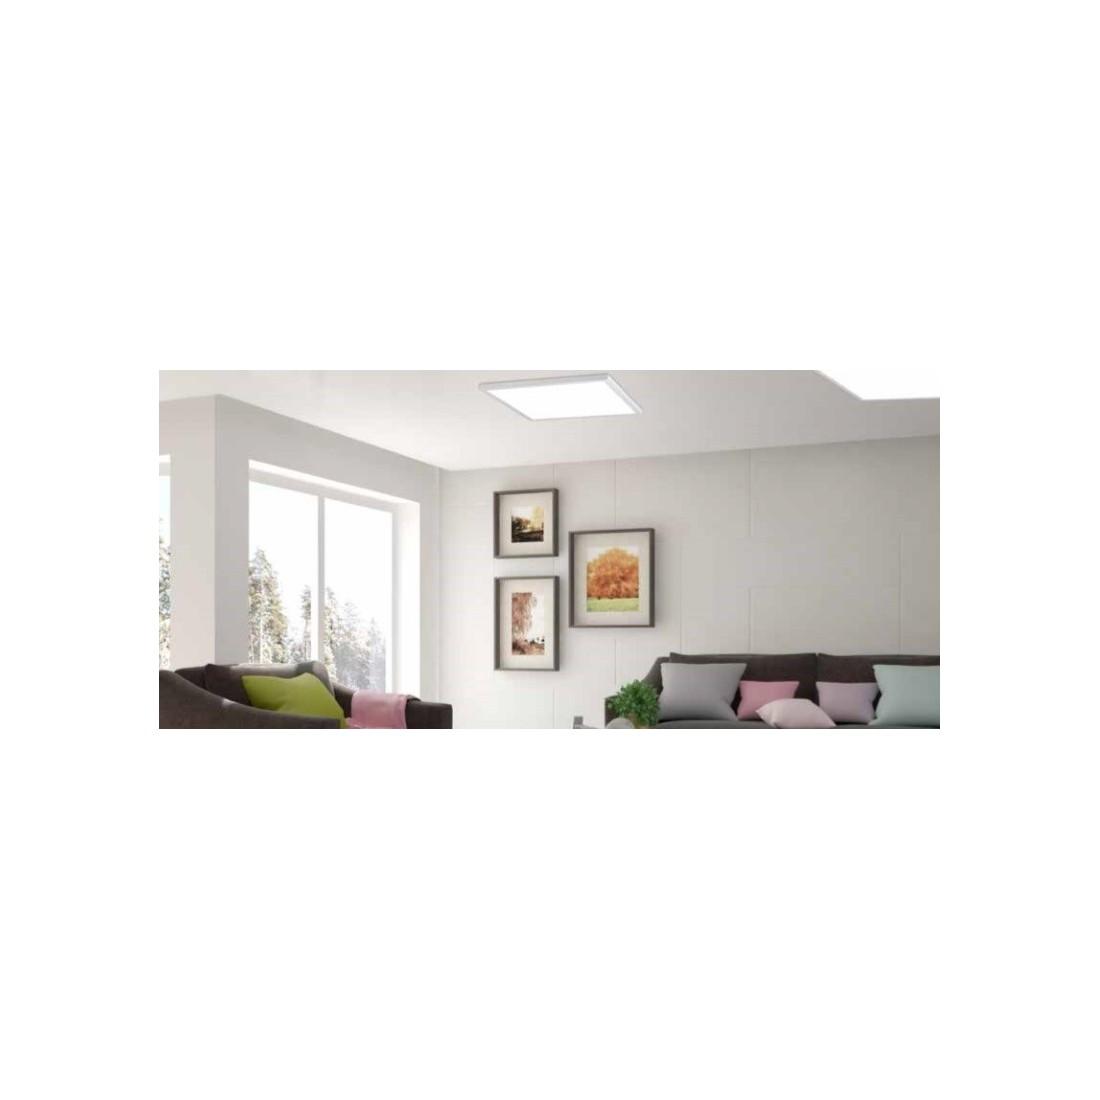 L mpara de techo de 6 luces r stica anilla marina ofertas - Ofertas lamparas techo ...